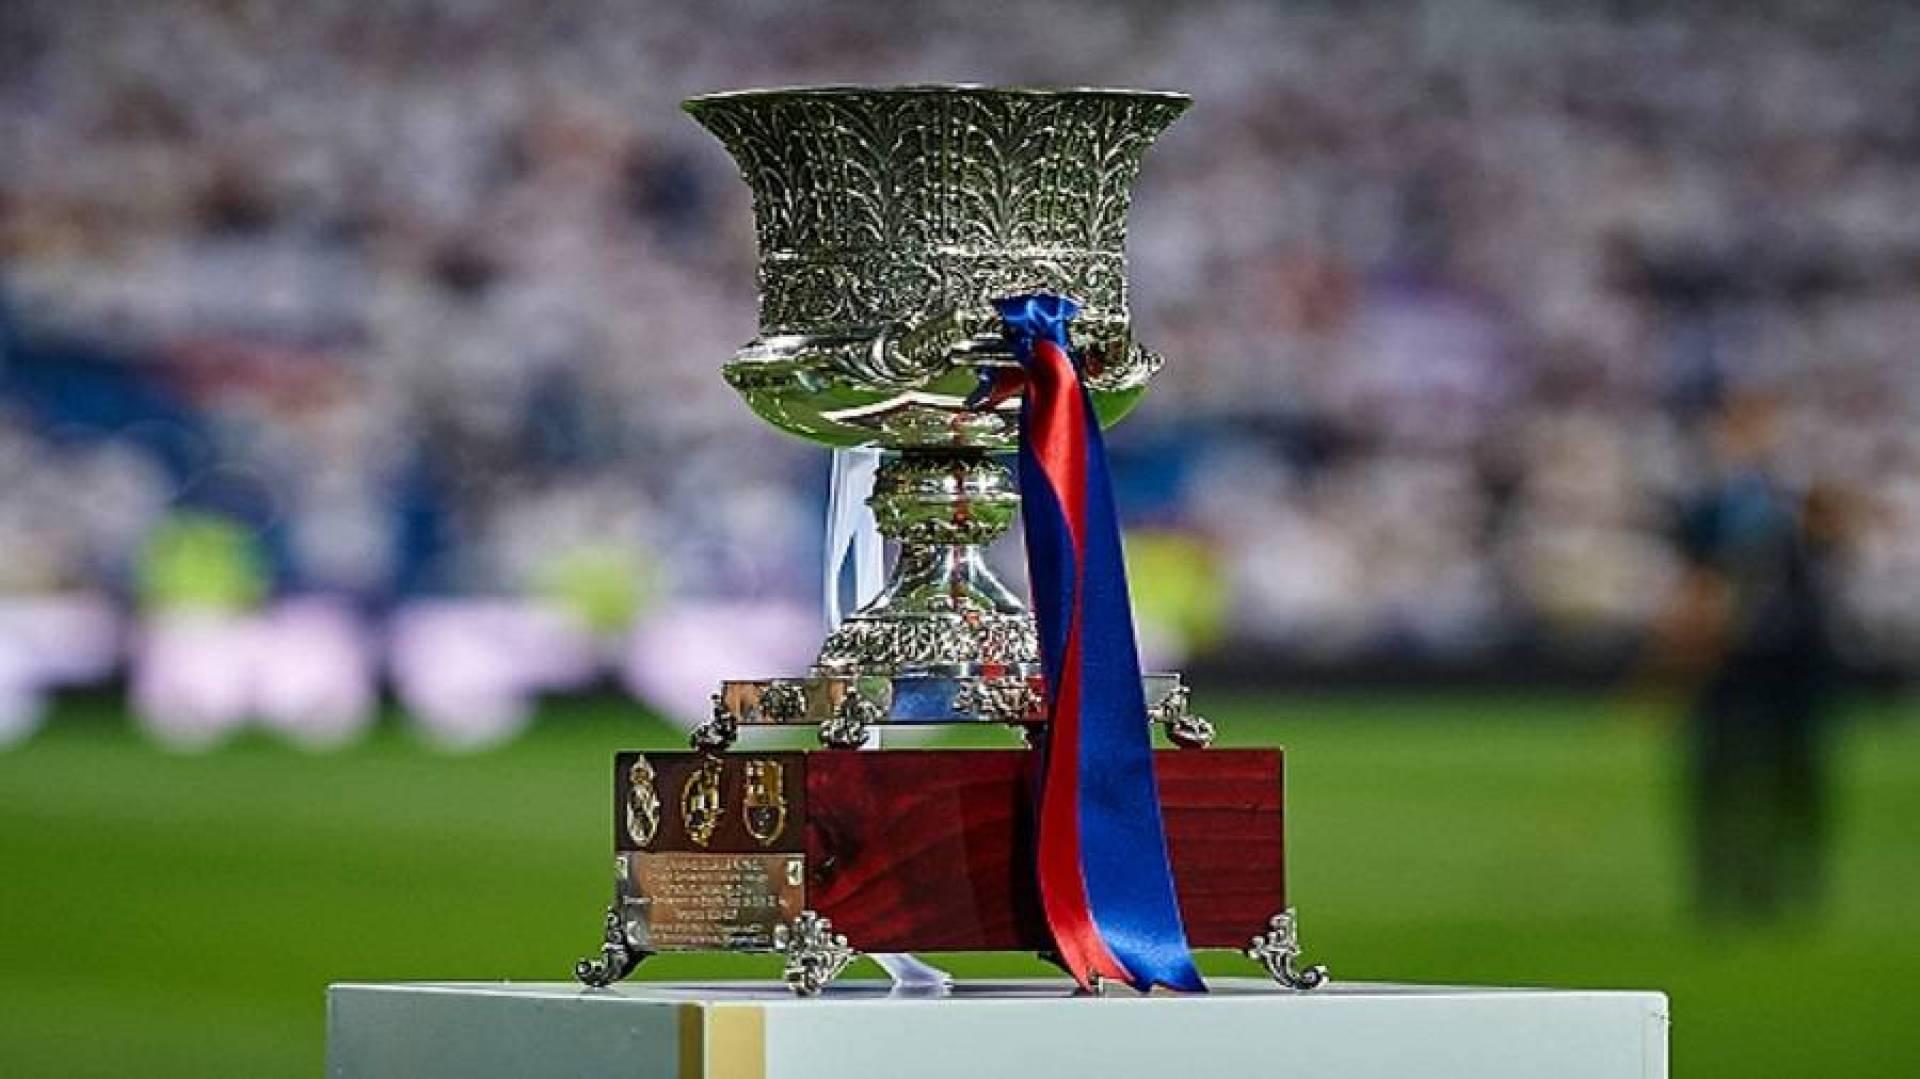 ملعب الجوهرة بجدة.. يستضيف مباريات بطولة كأس السوبر الإسباني